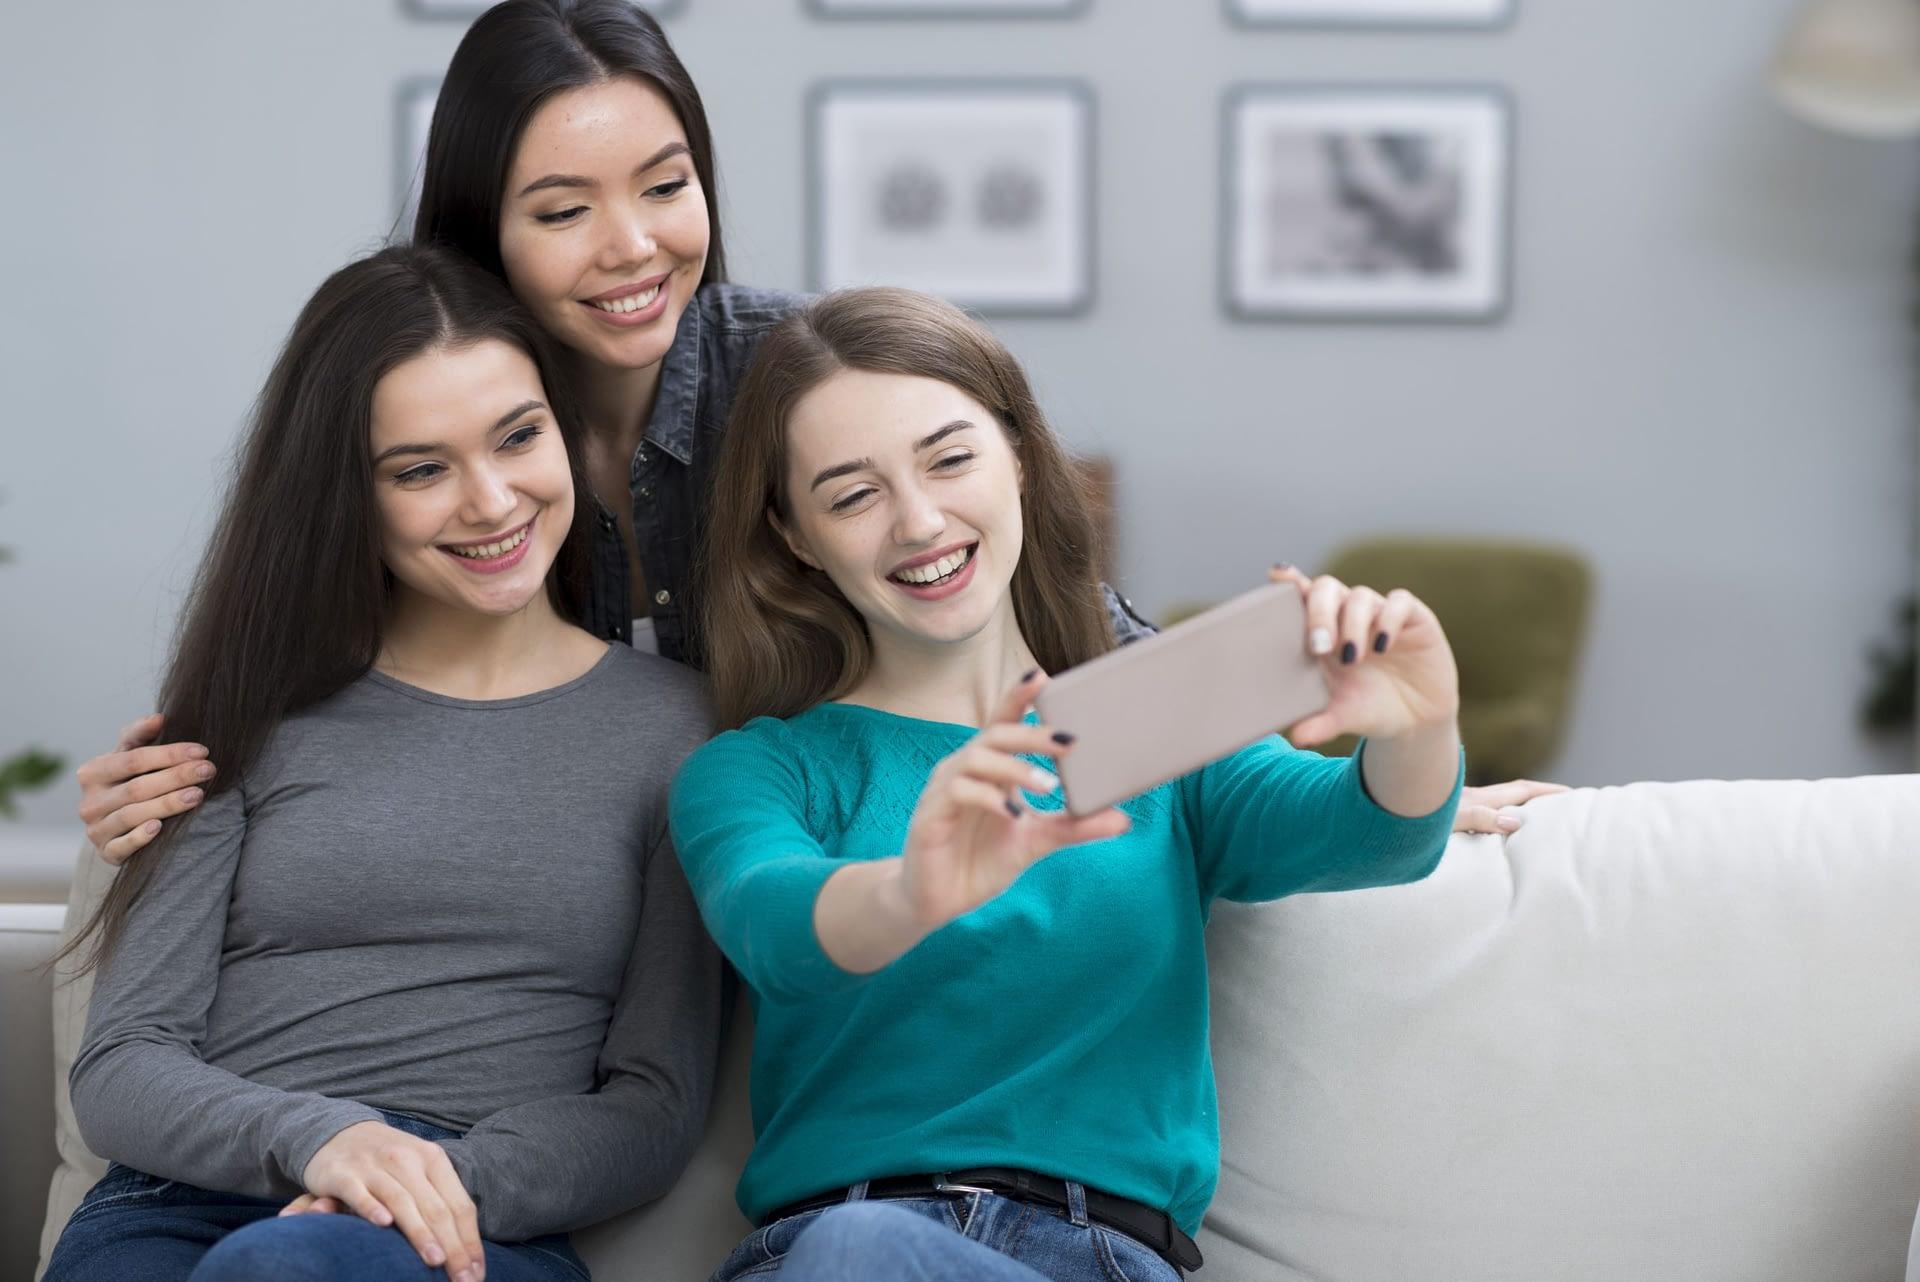 Ücretsiz Arkadaşlık Sitesi » Kadın - Bayan - Erkek